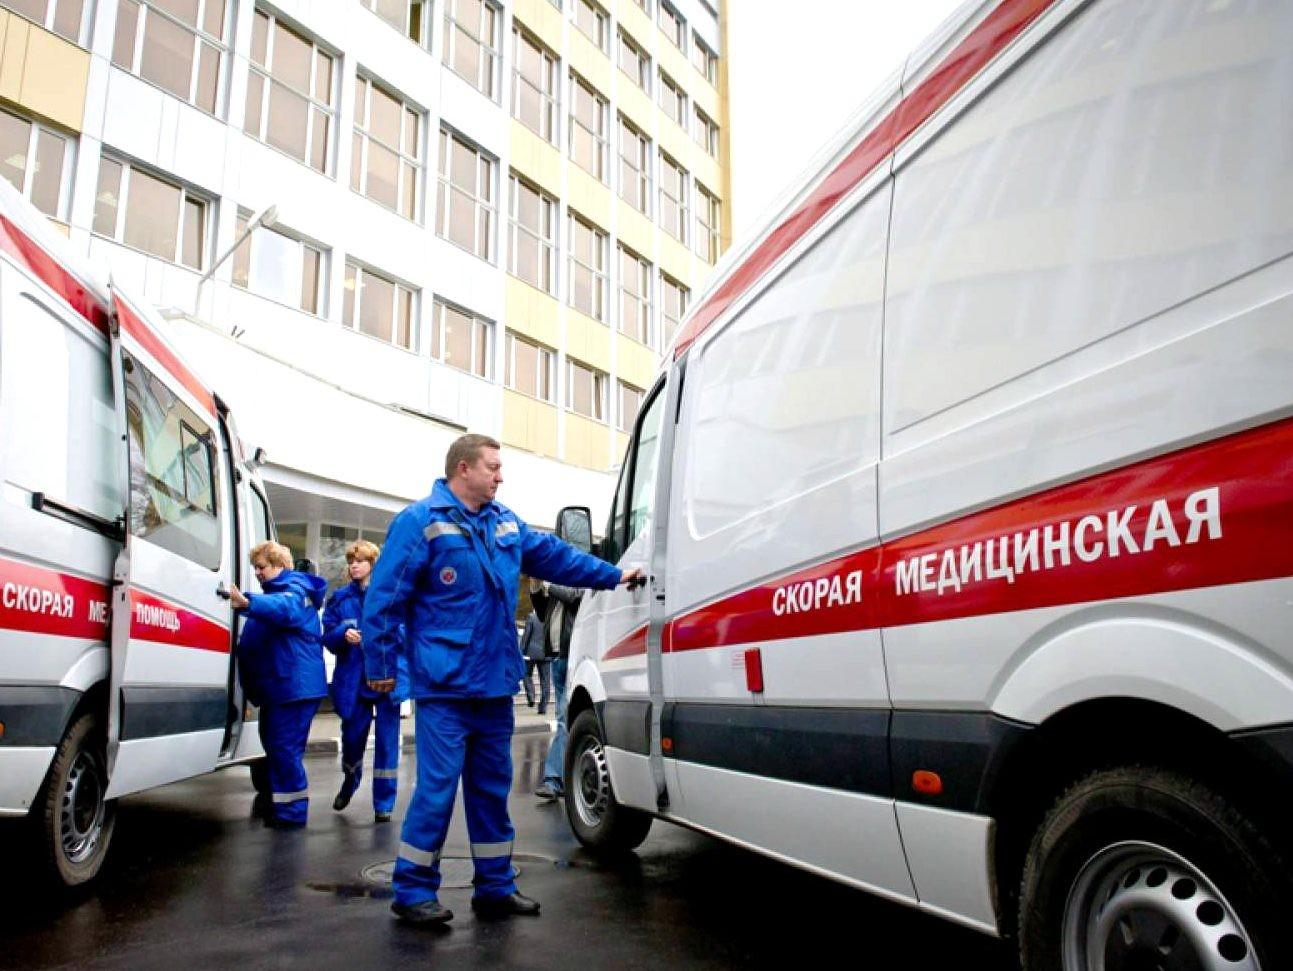 Руководитель Министерства здравоохранения объявила среднее время прибытия скорой помощи